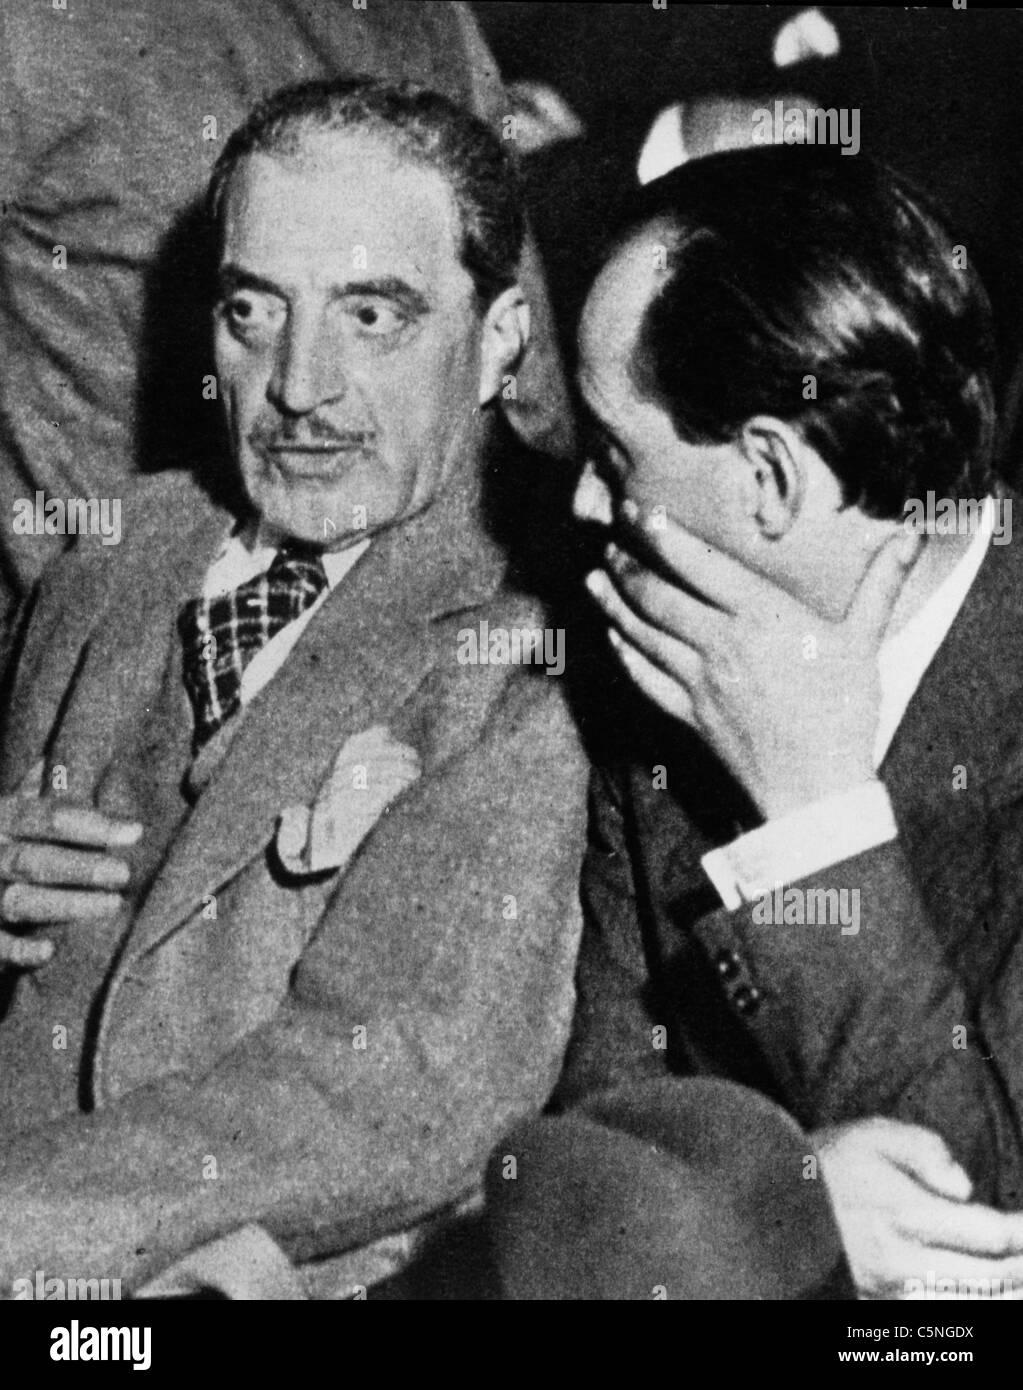 Carlo Alberto Salustri, Trilussa, 1950 - Stock Image